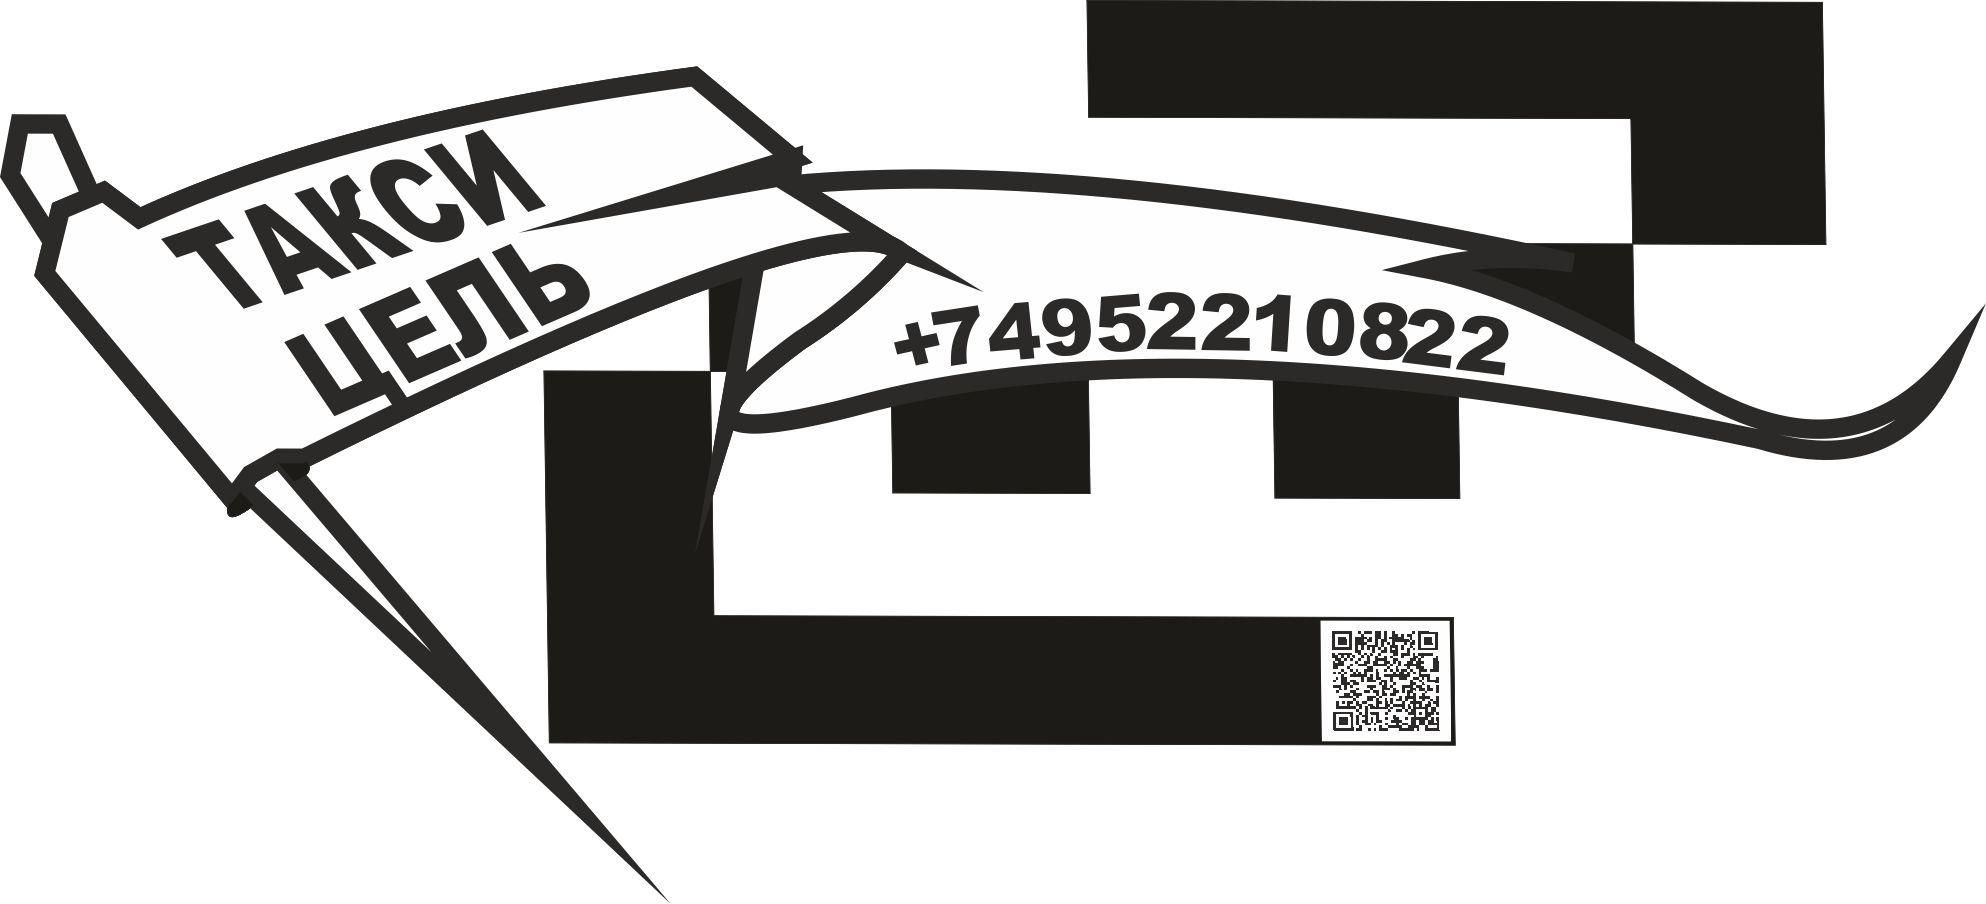 Рекламное оформление автомобиля такси - дизайнер Askar24